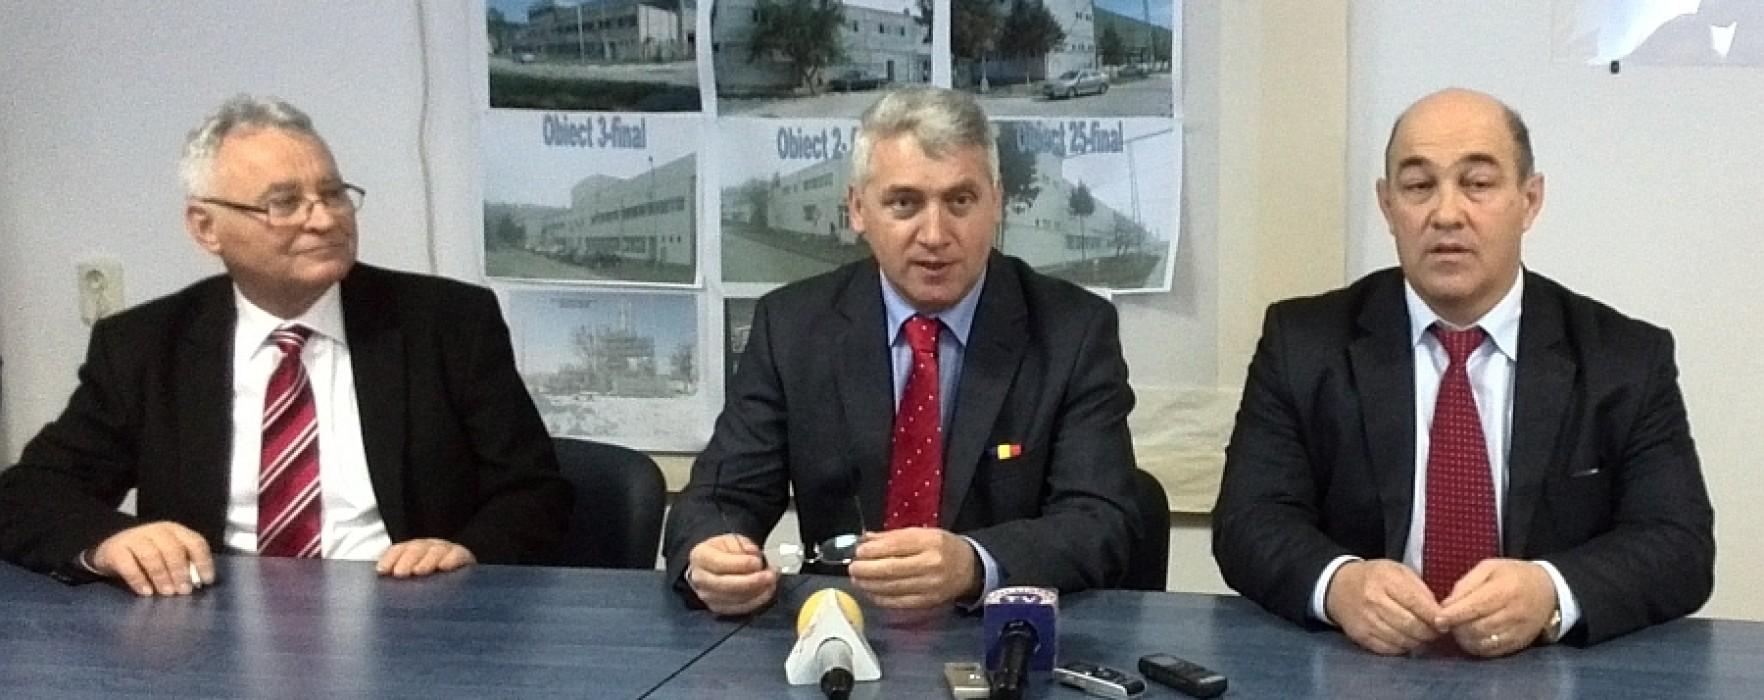 Autorităţile judeţene vor să extindă Parcul Industrial Moreni cu 22 de hectare (video)